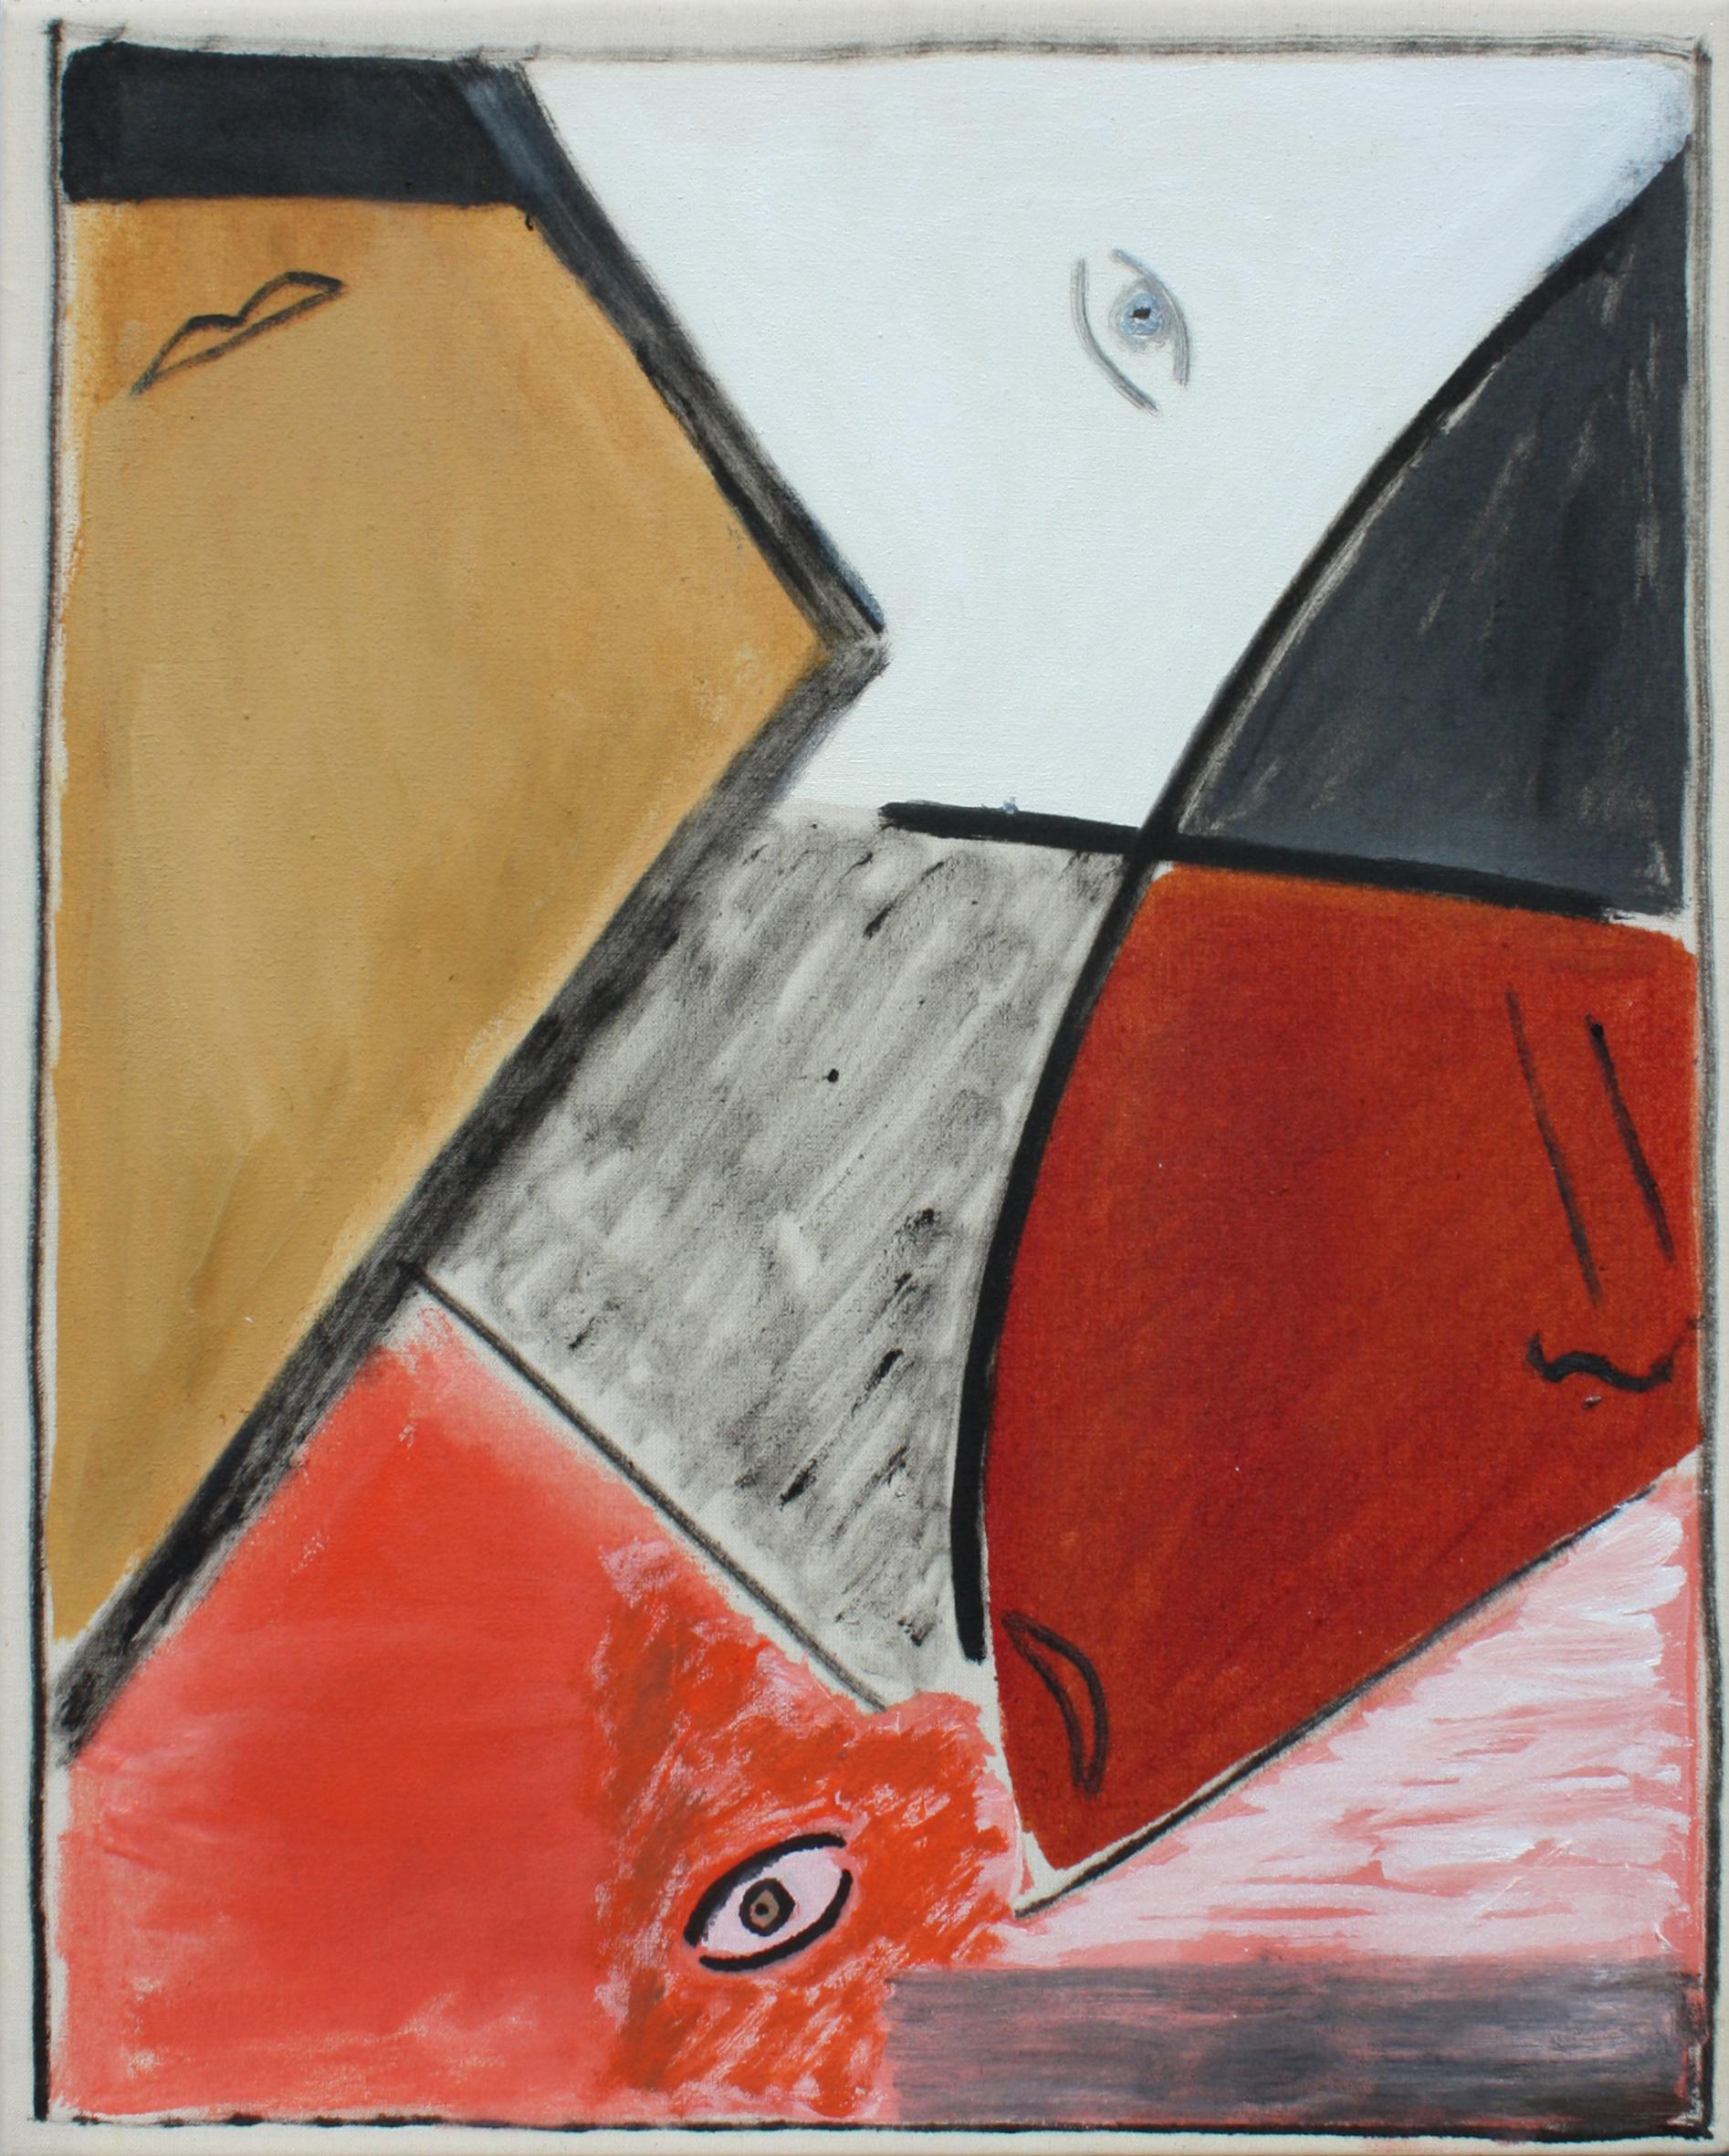 Blues IX, oil and acrylic on canvas, 41 x 33 cm.